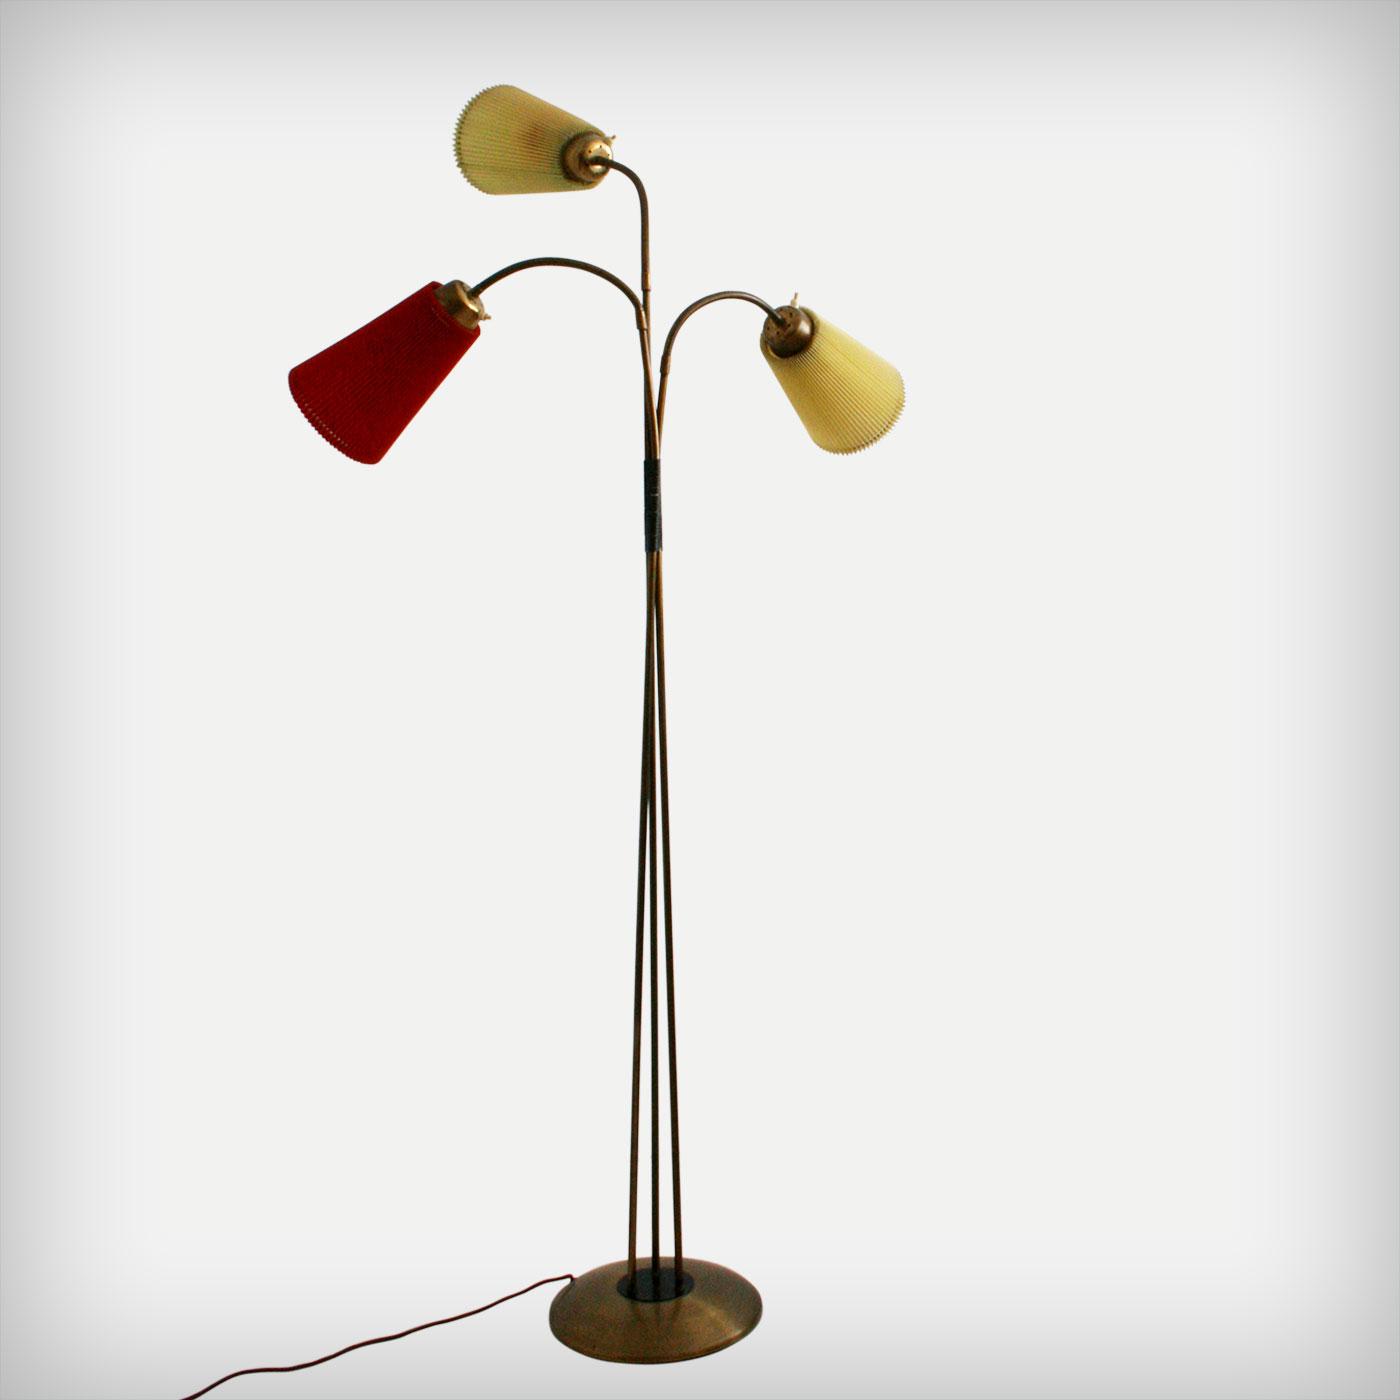 Three Arm Brass Floor Lamp Good Old Vintage